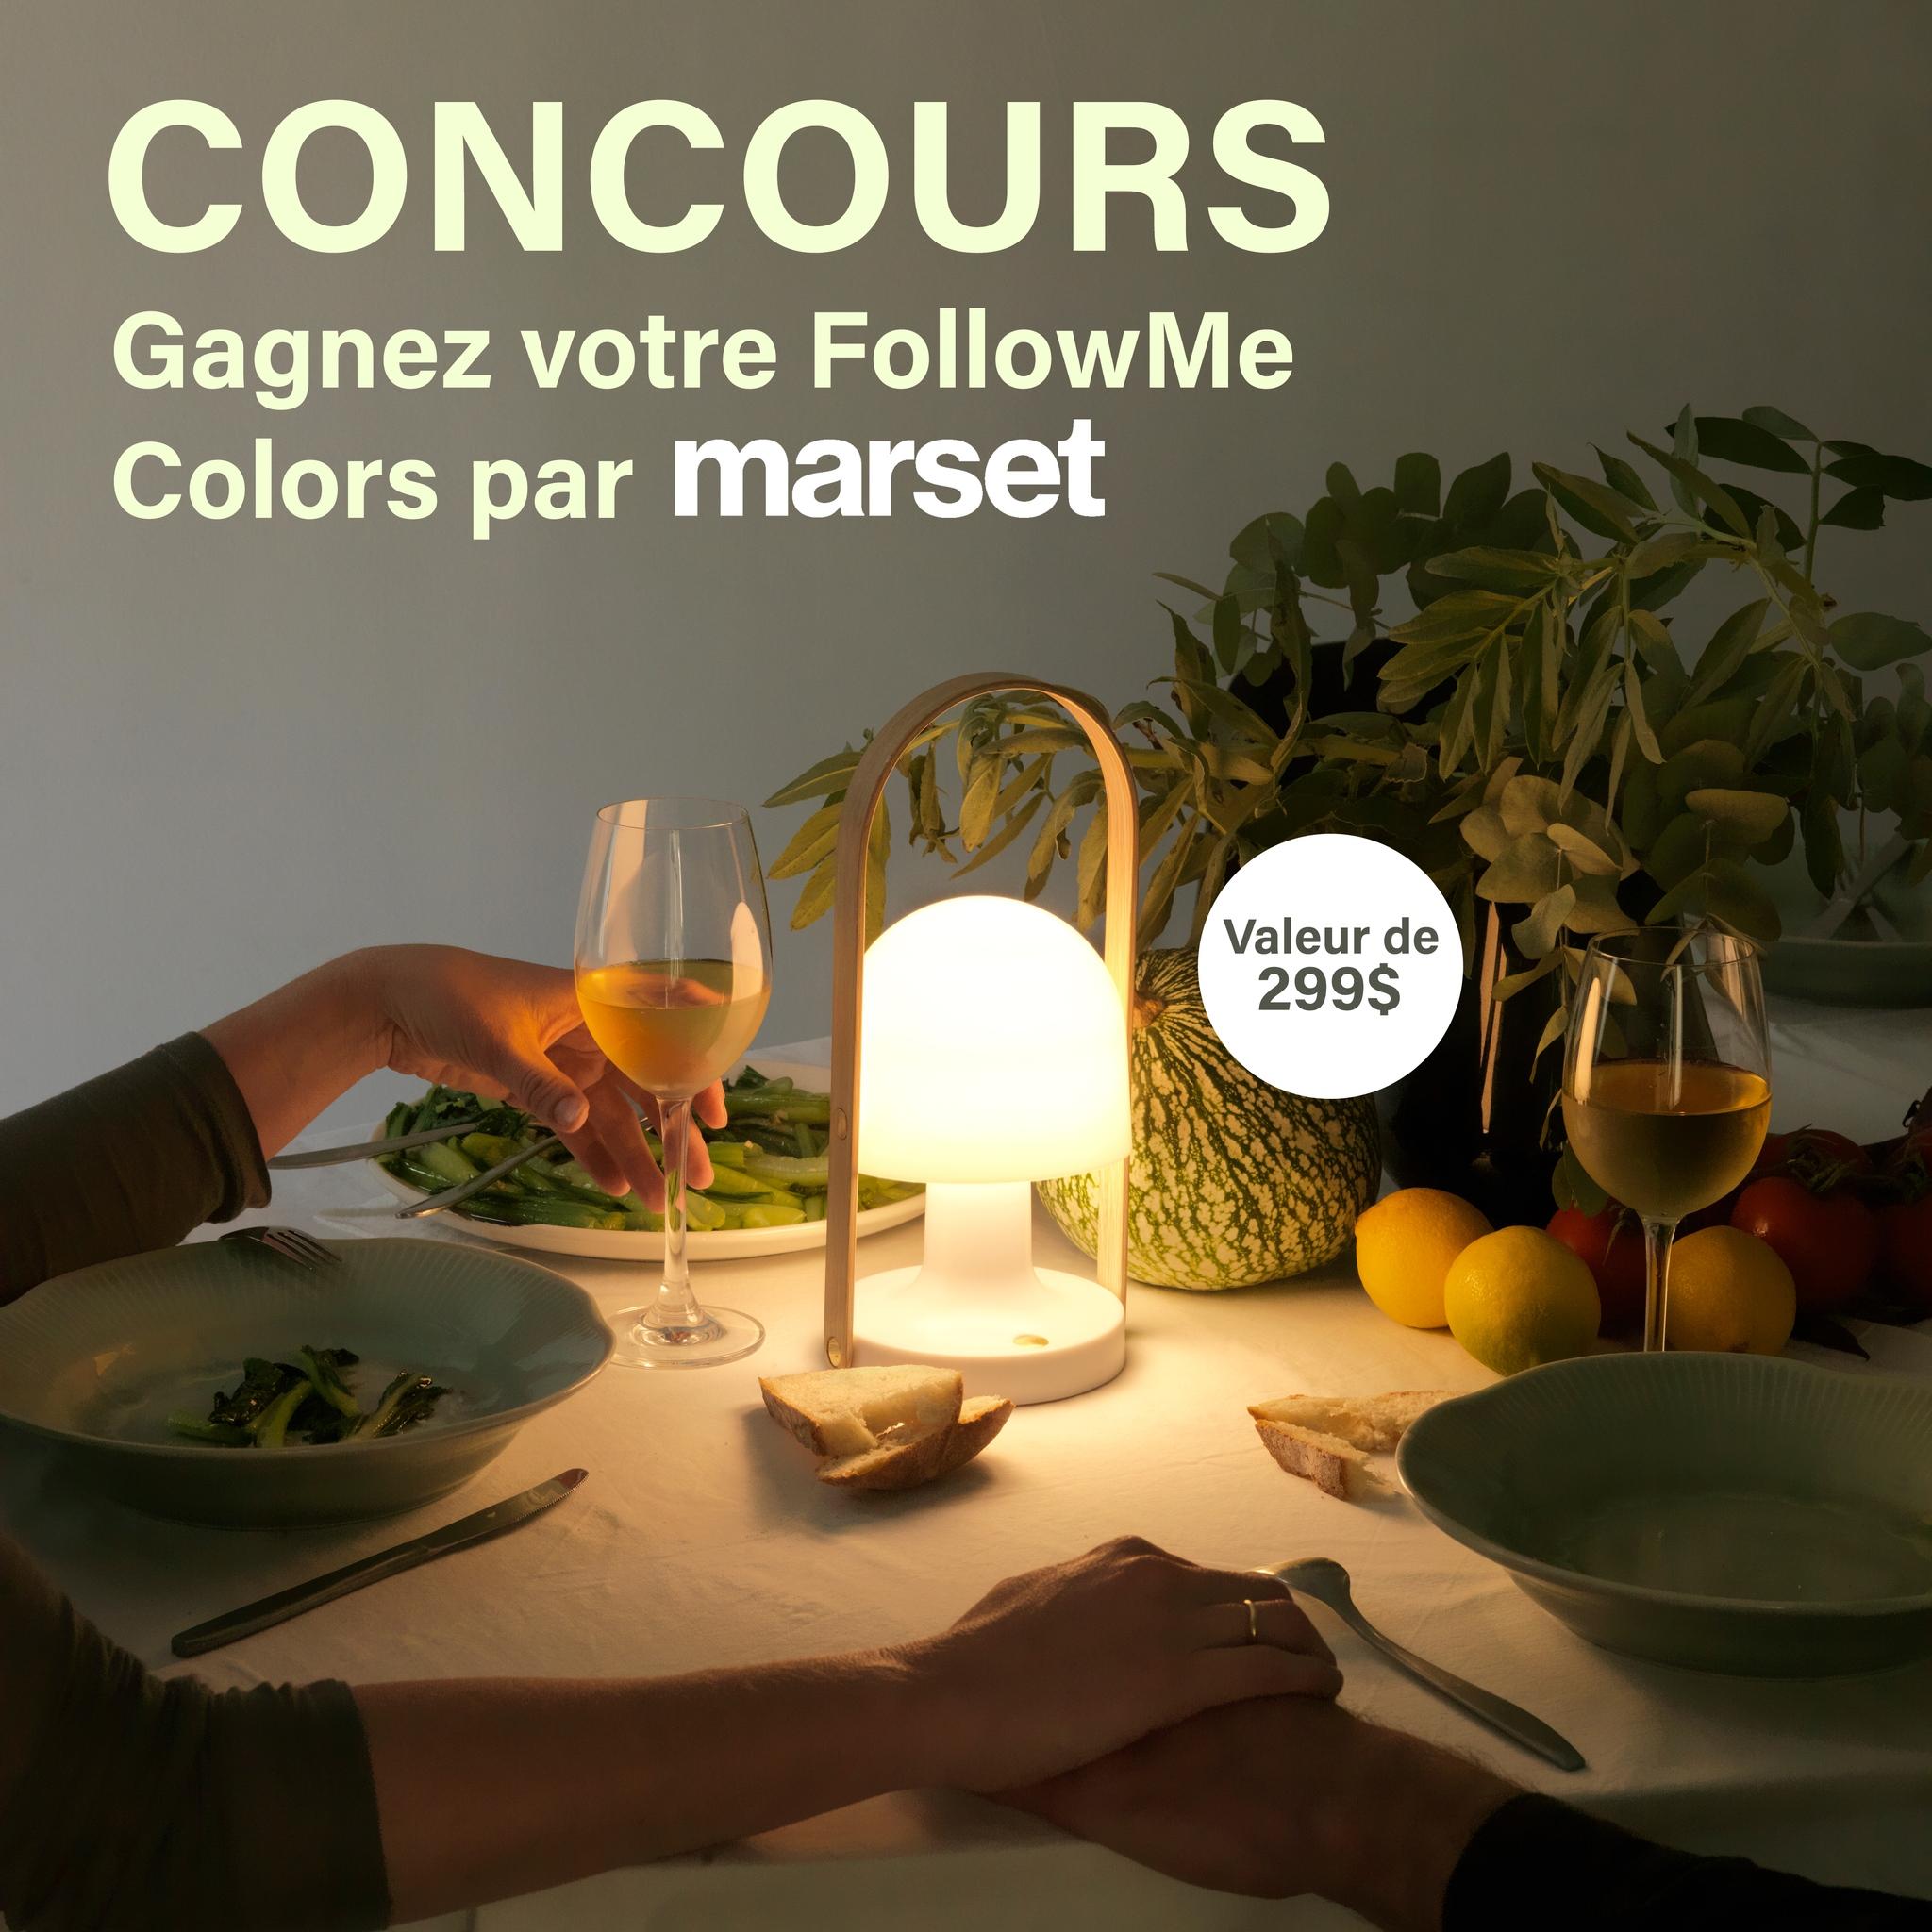 Concours Gagnez Votre Followme